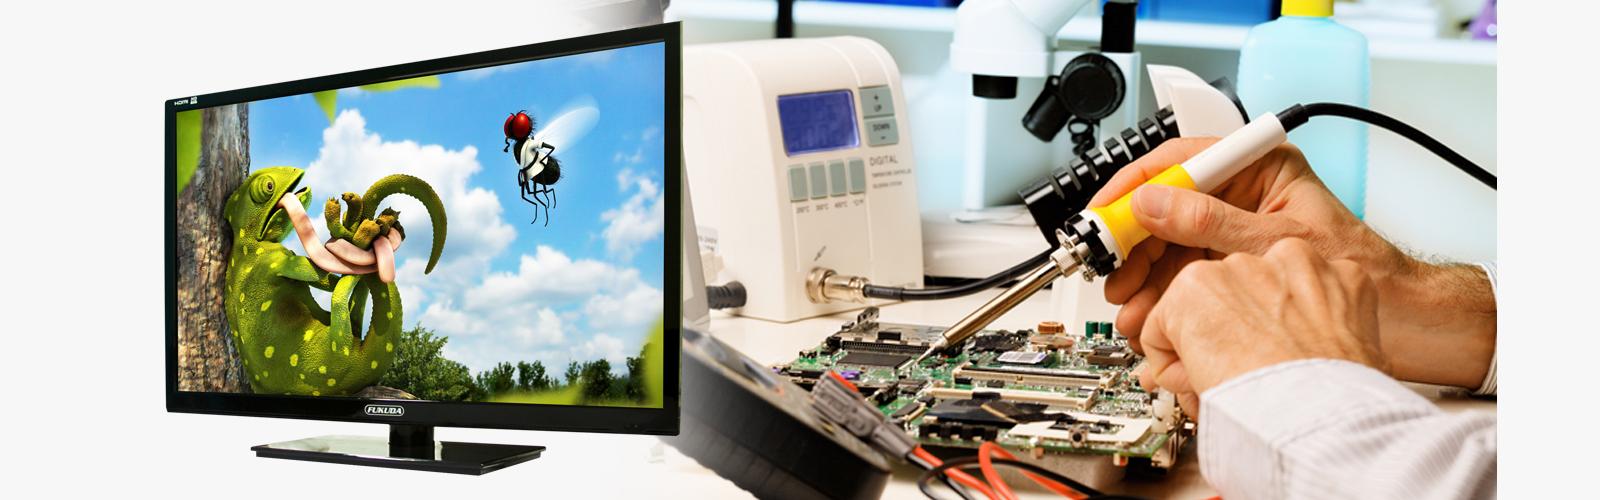 Led Tv Service Center In Kolkata Relife Service 9831192715